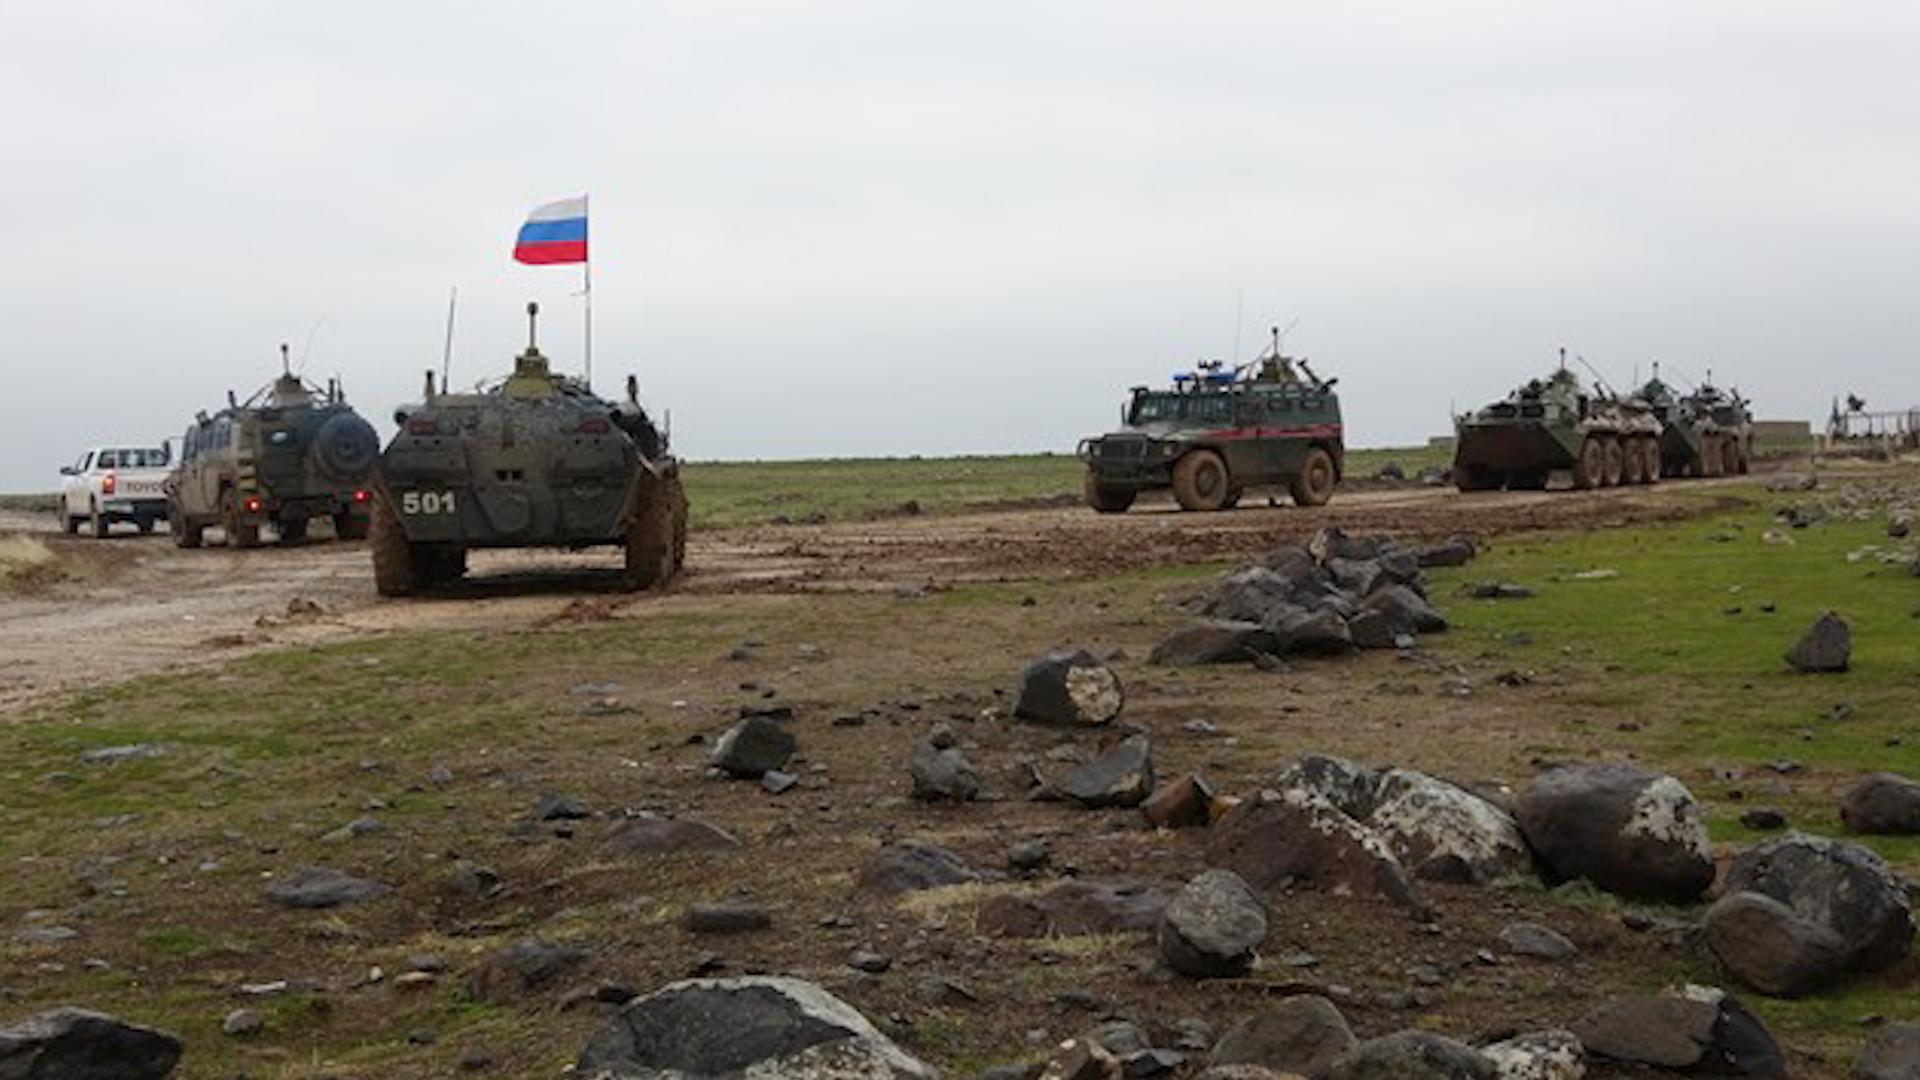 Photo of Li gundên herêma Aliyan a Girkê Legê îro dewriya Rûsya û Hêzên Ewlekariya Hundirîn pêk hat.